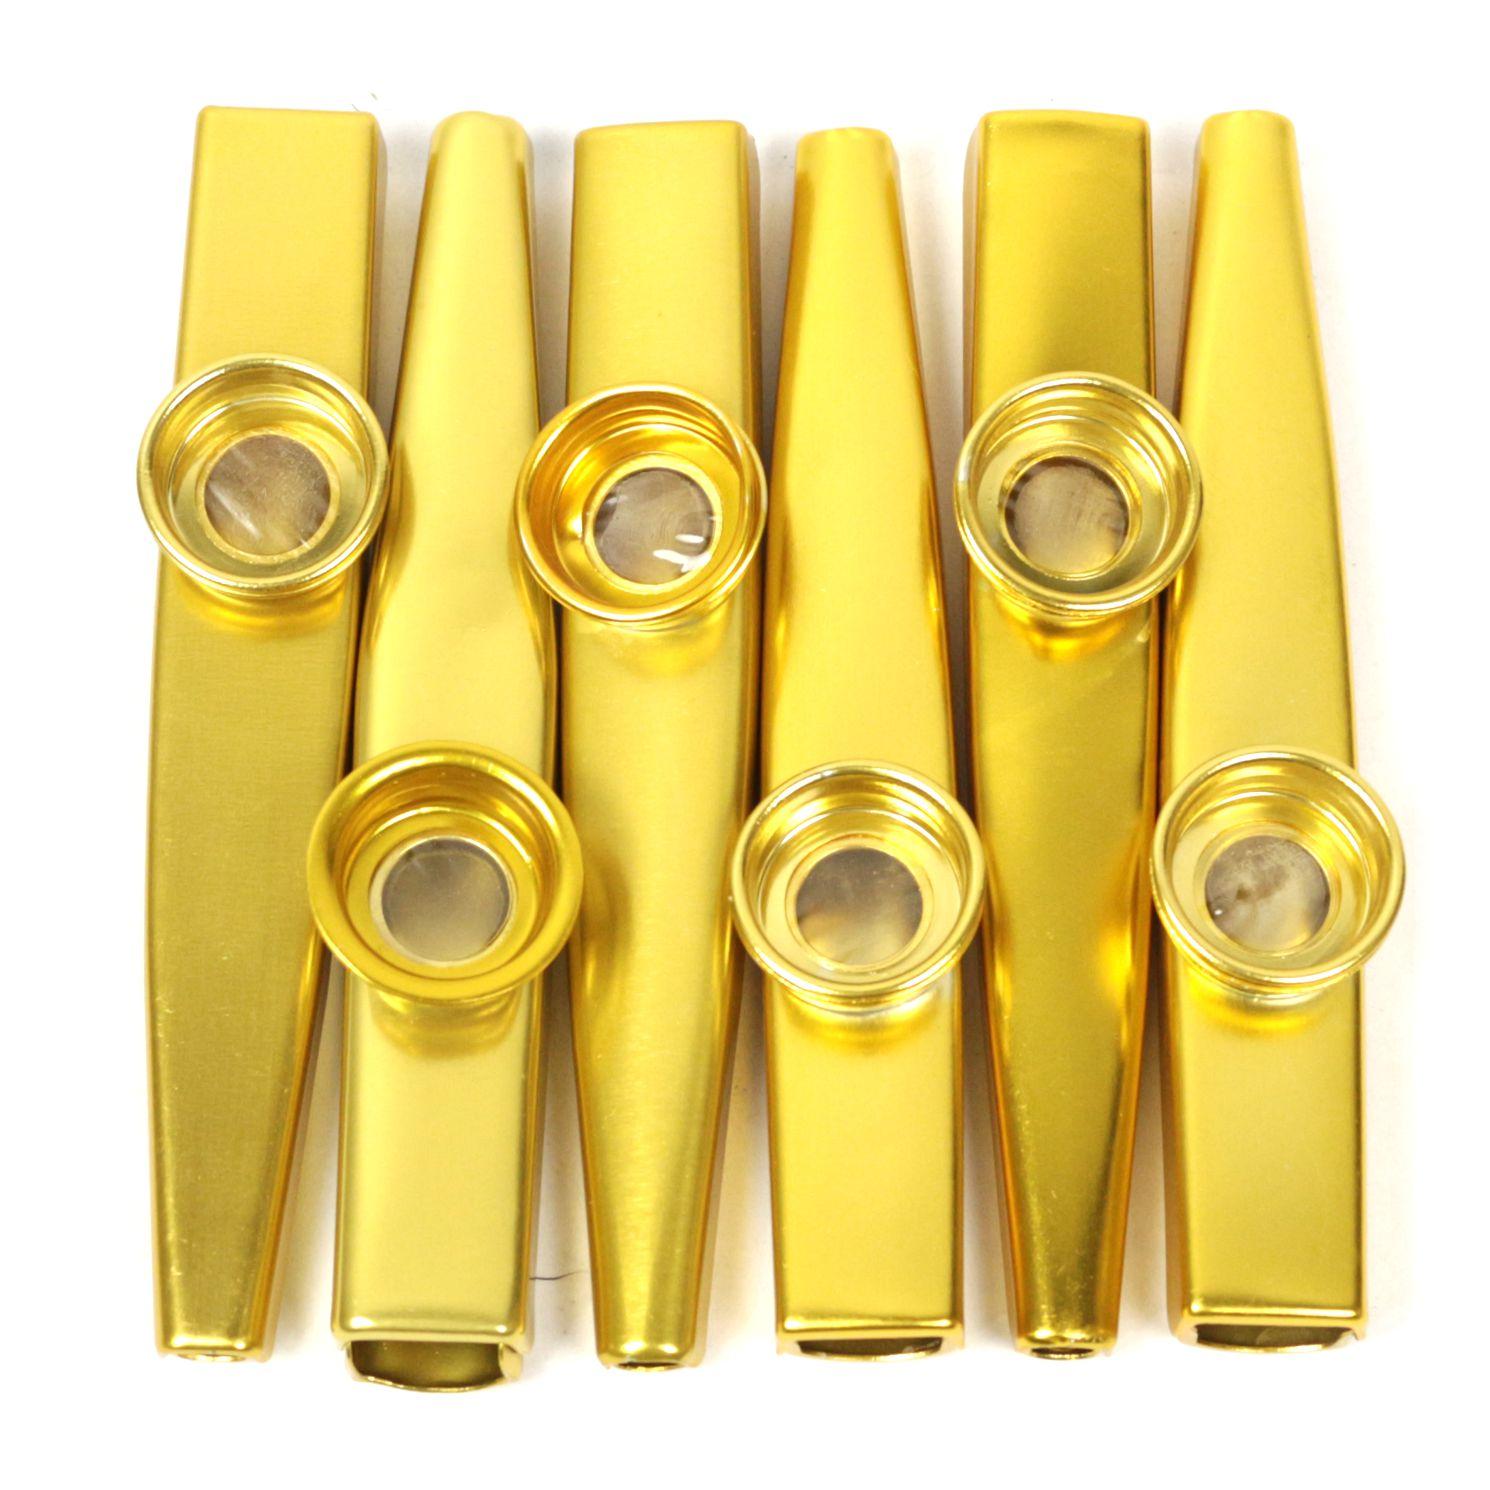 Kazoo em Metal Profissional Kazoobob GOLD Dourado - 06 Unidades